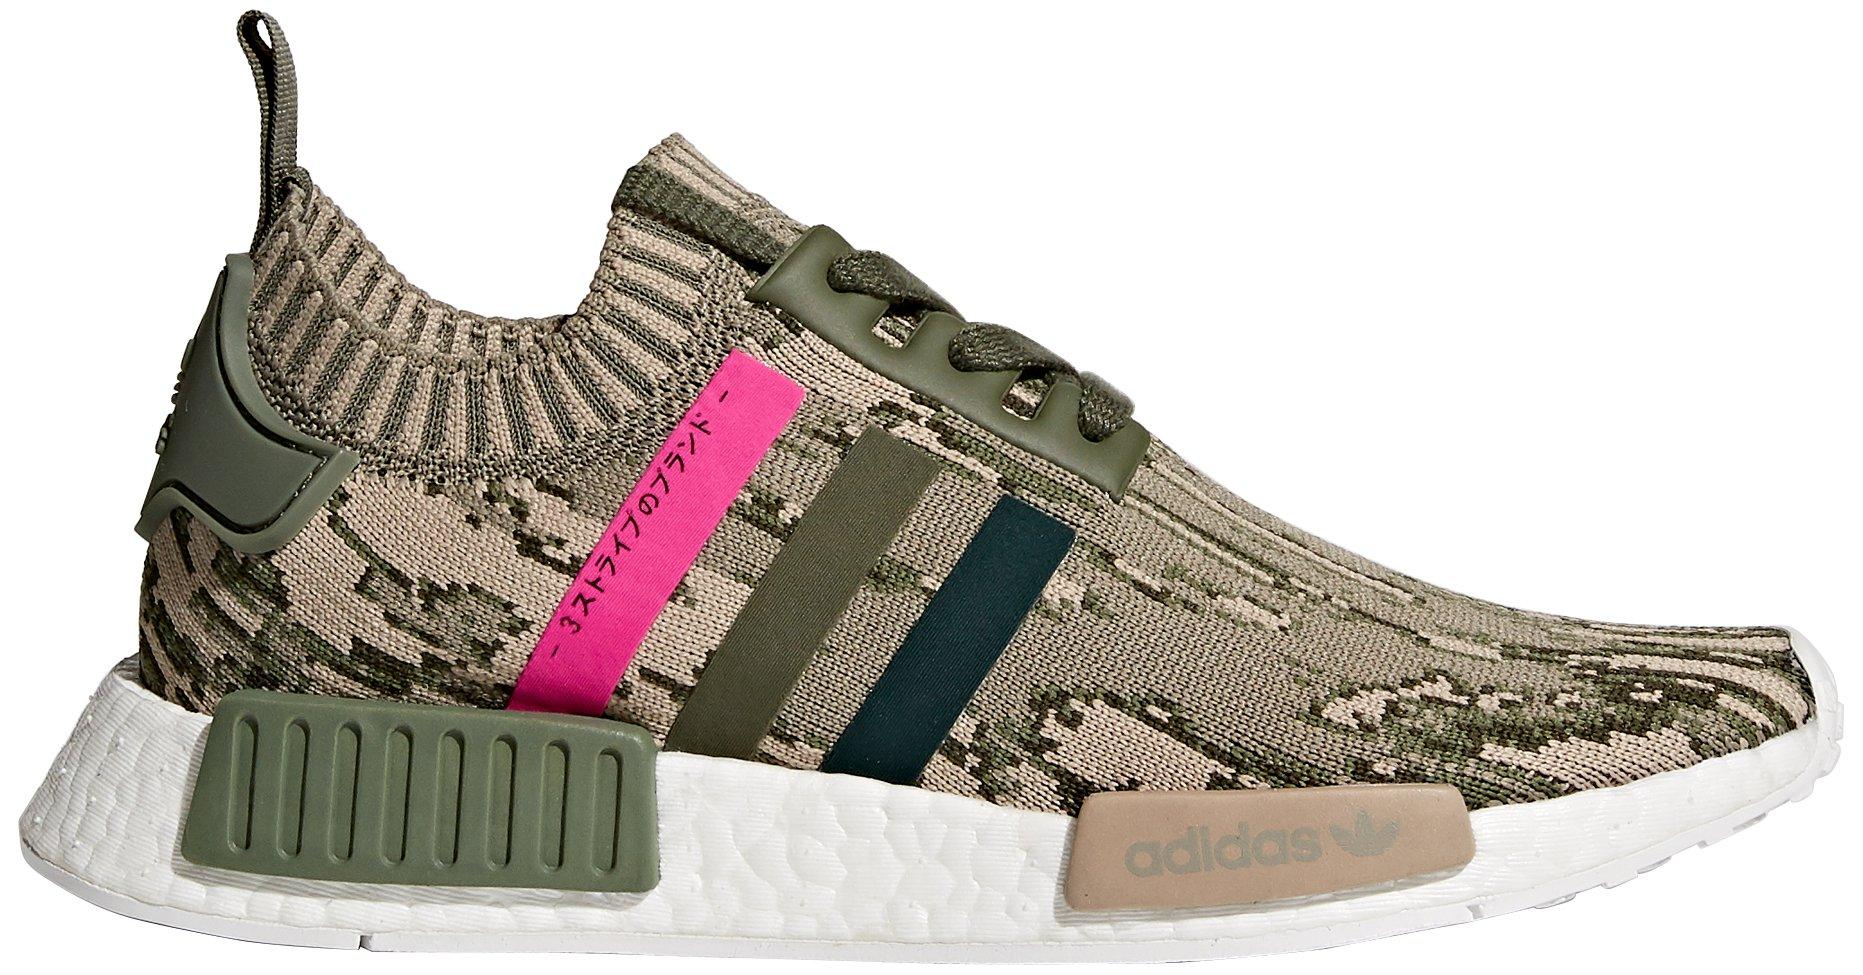 9001cfde5 Galleon - Adidas Originals Women s NMD R1 W PK Sneaker